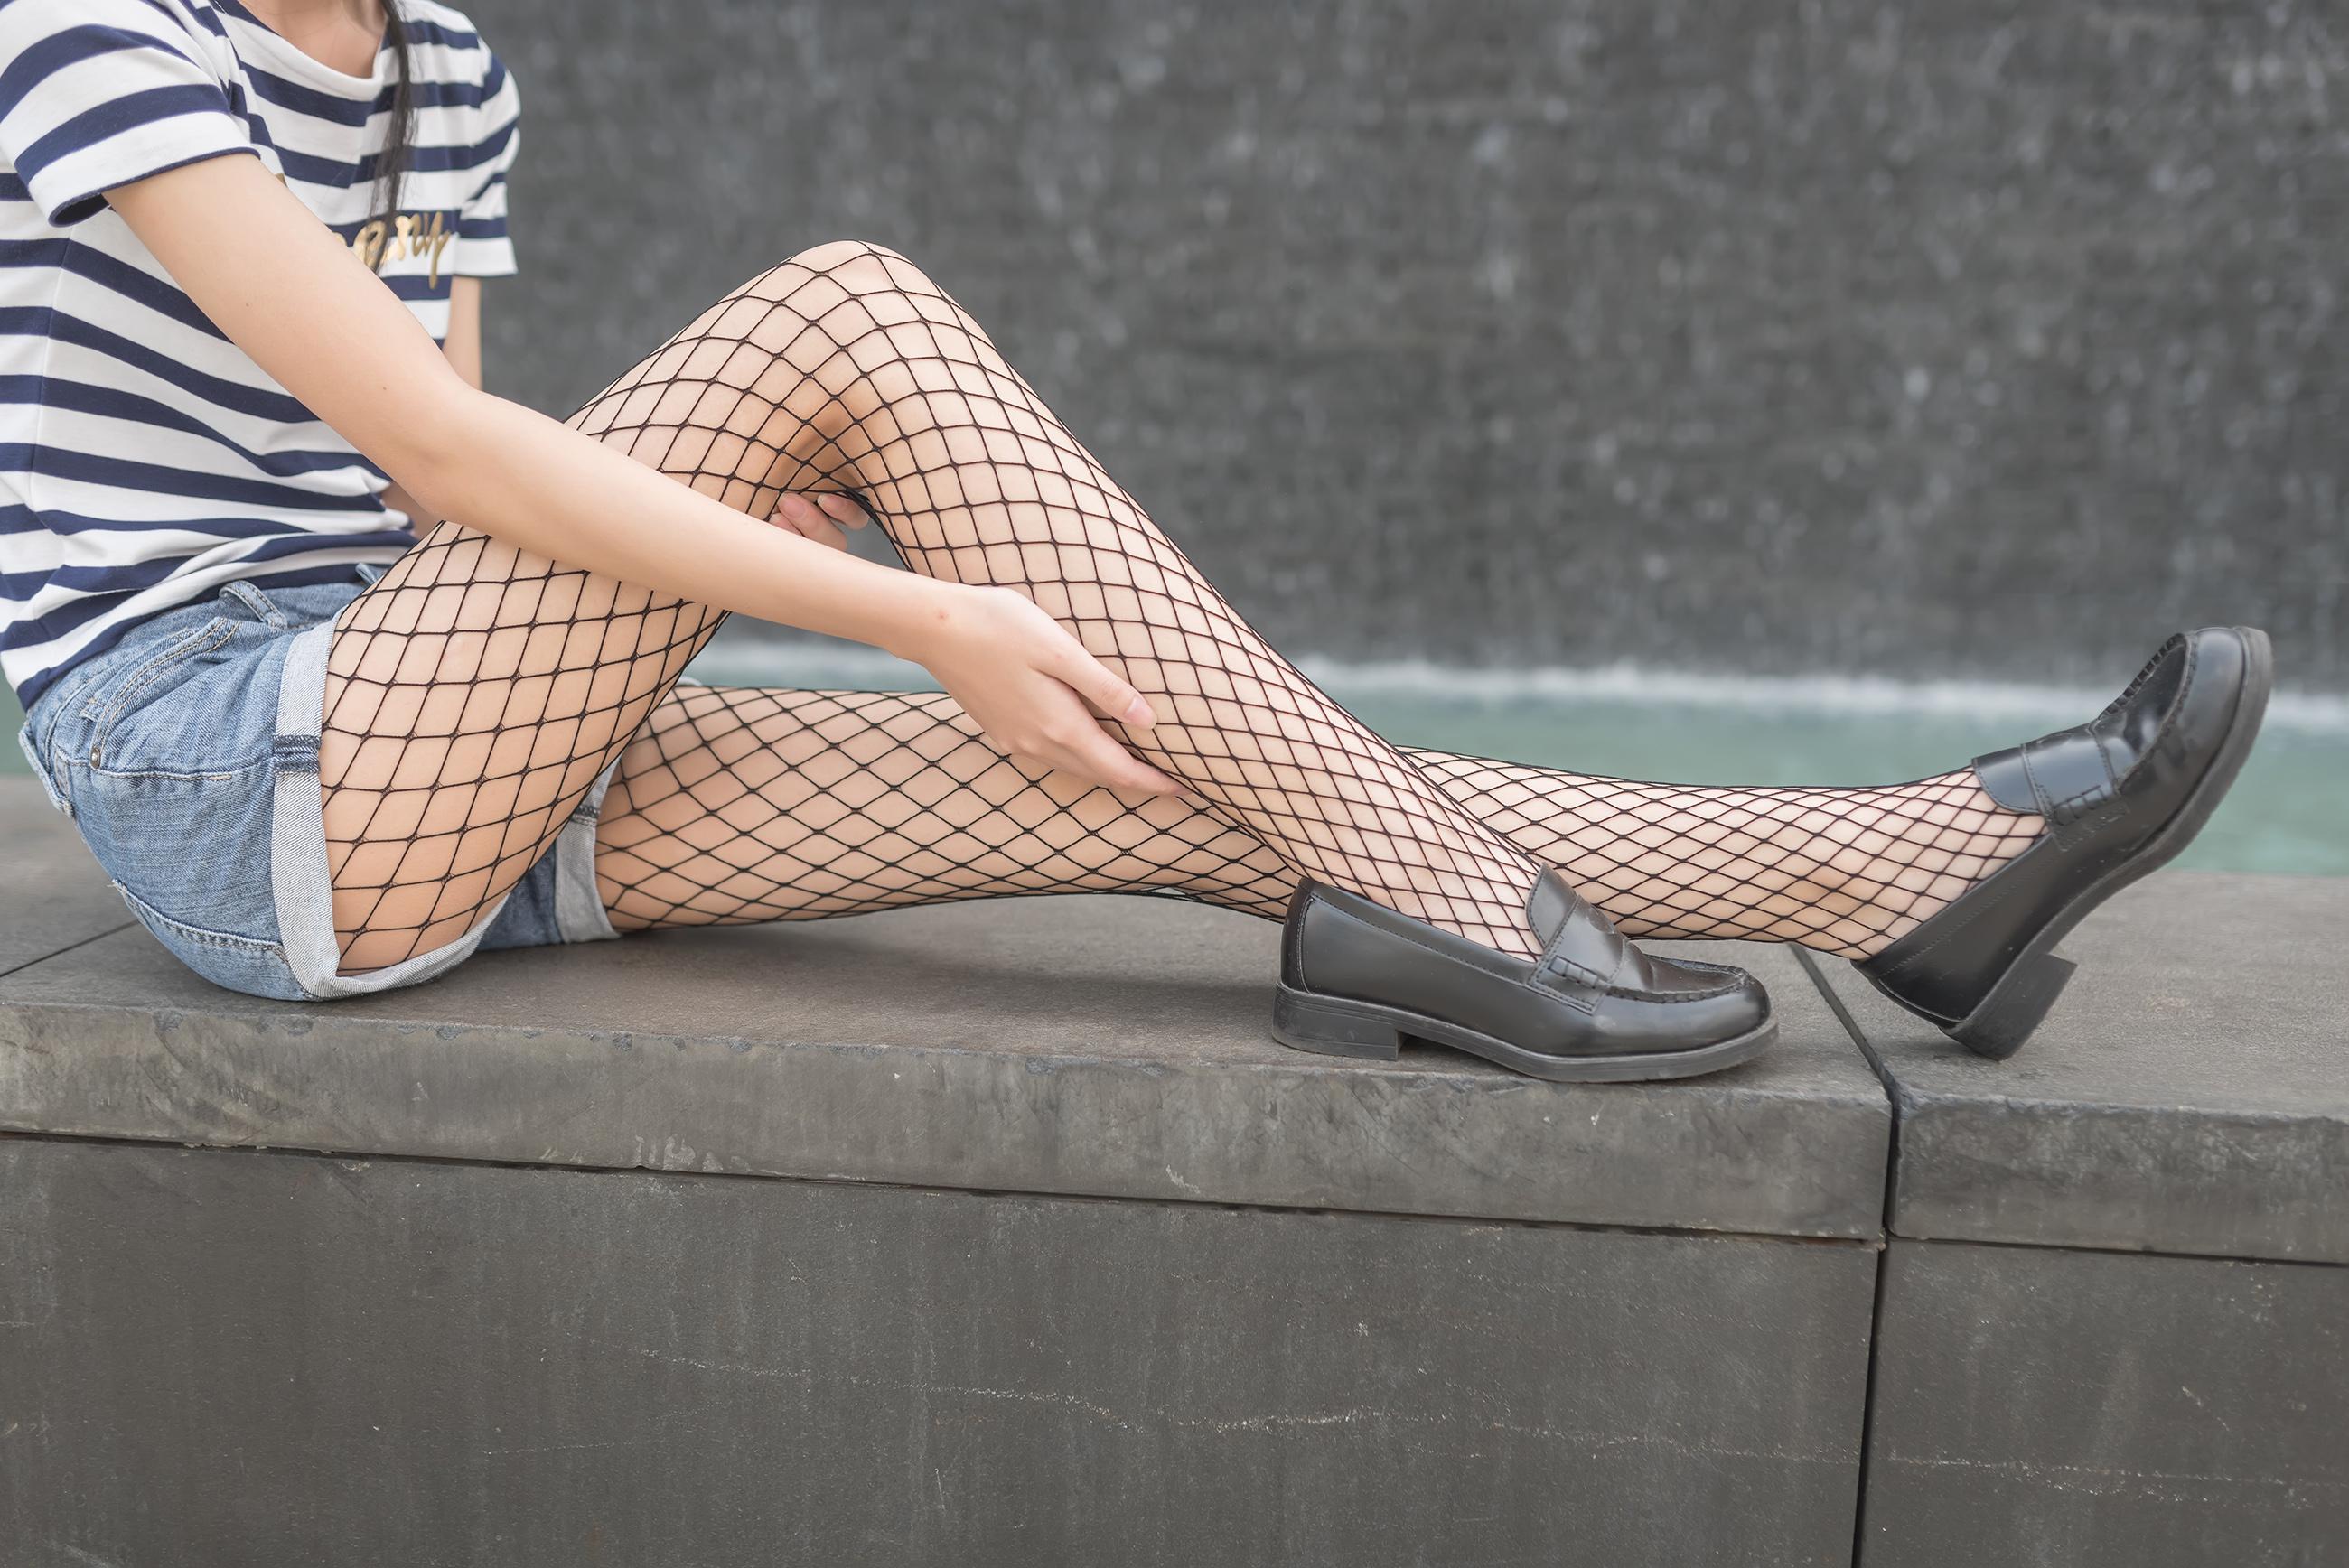 网袜真的棒! 腿控领域